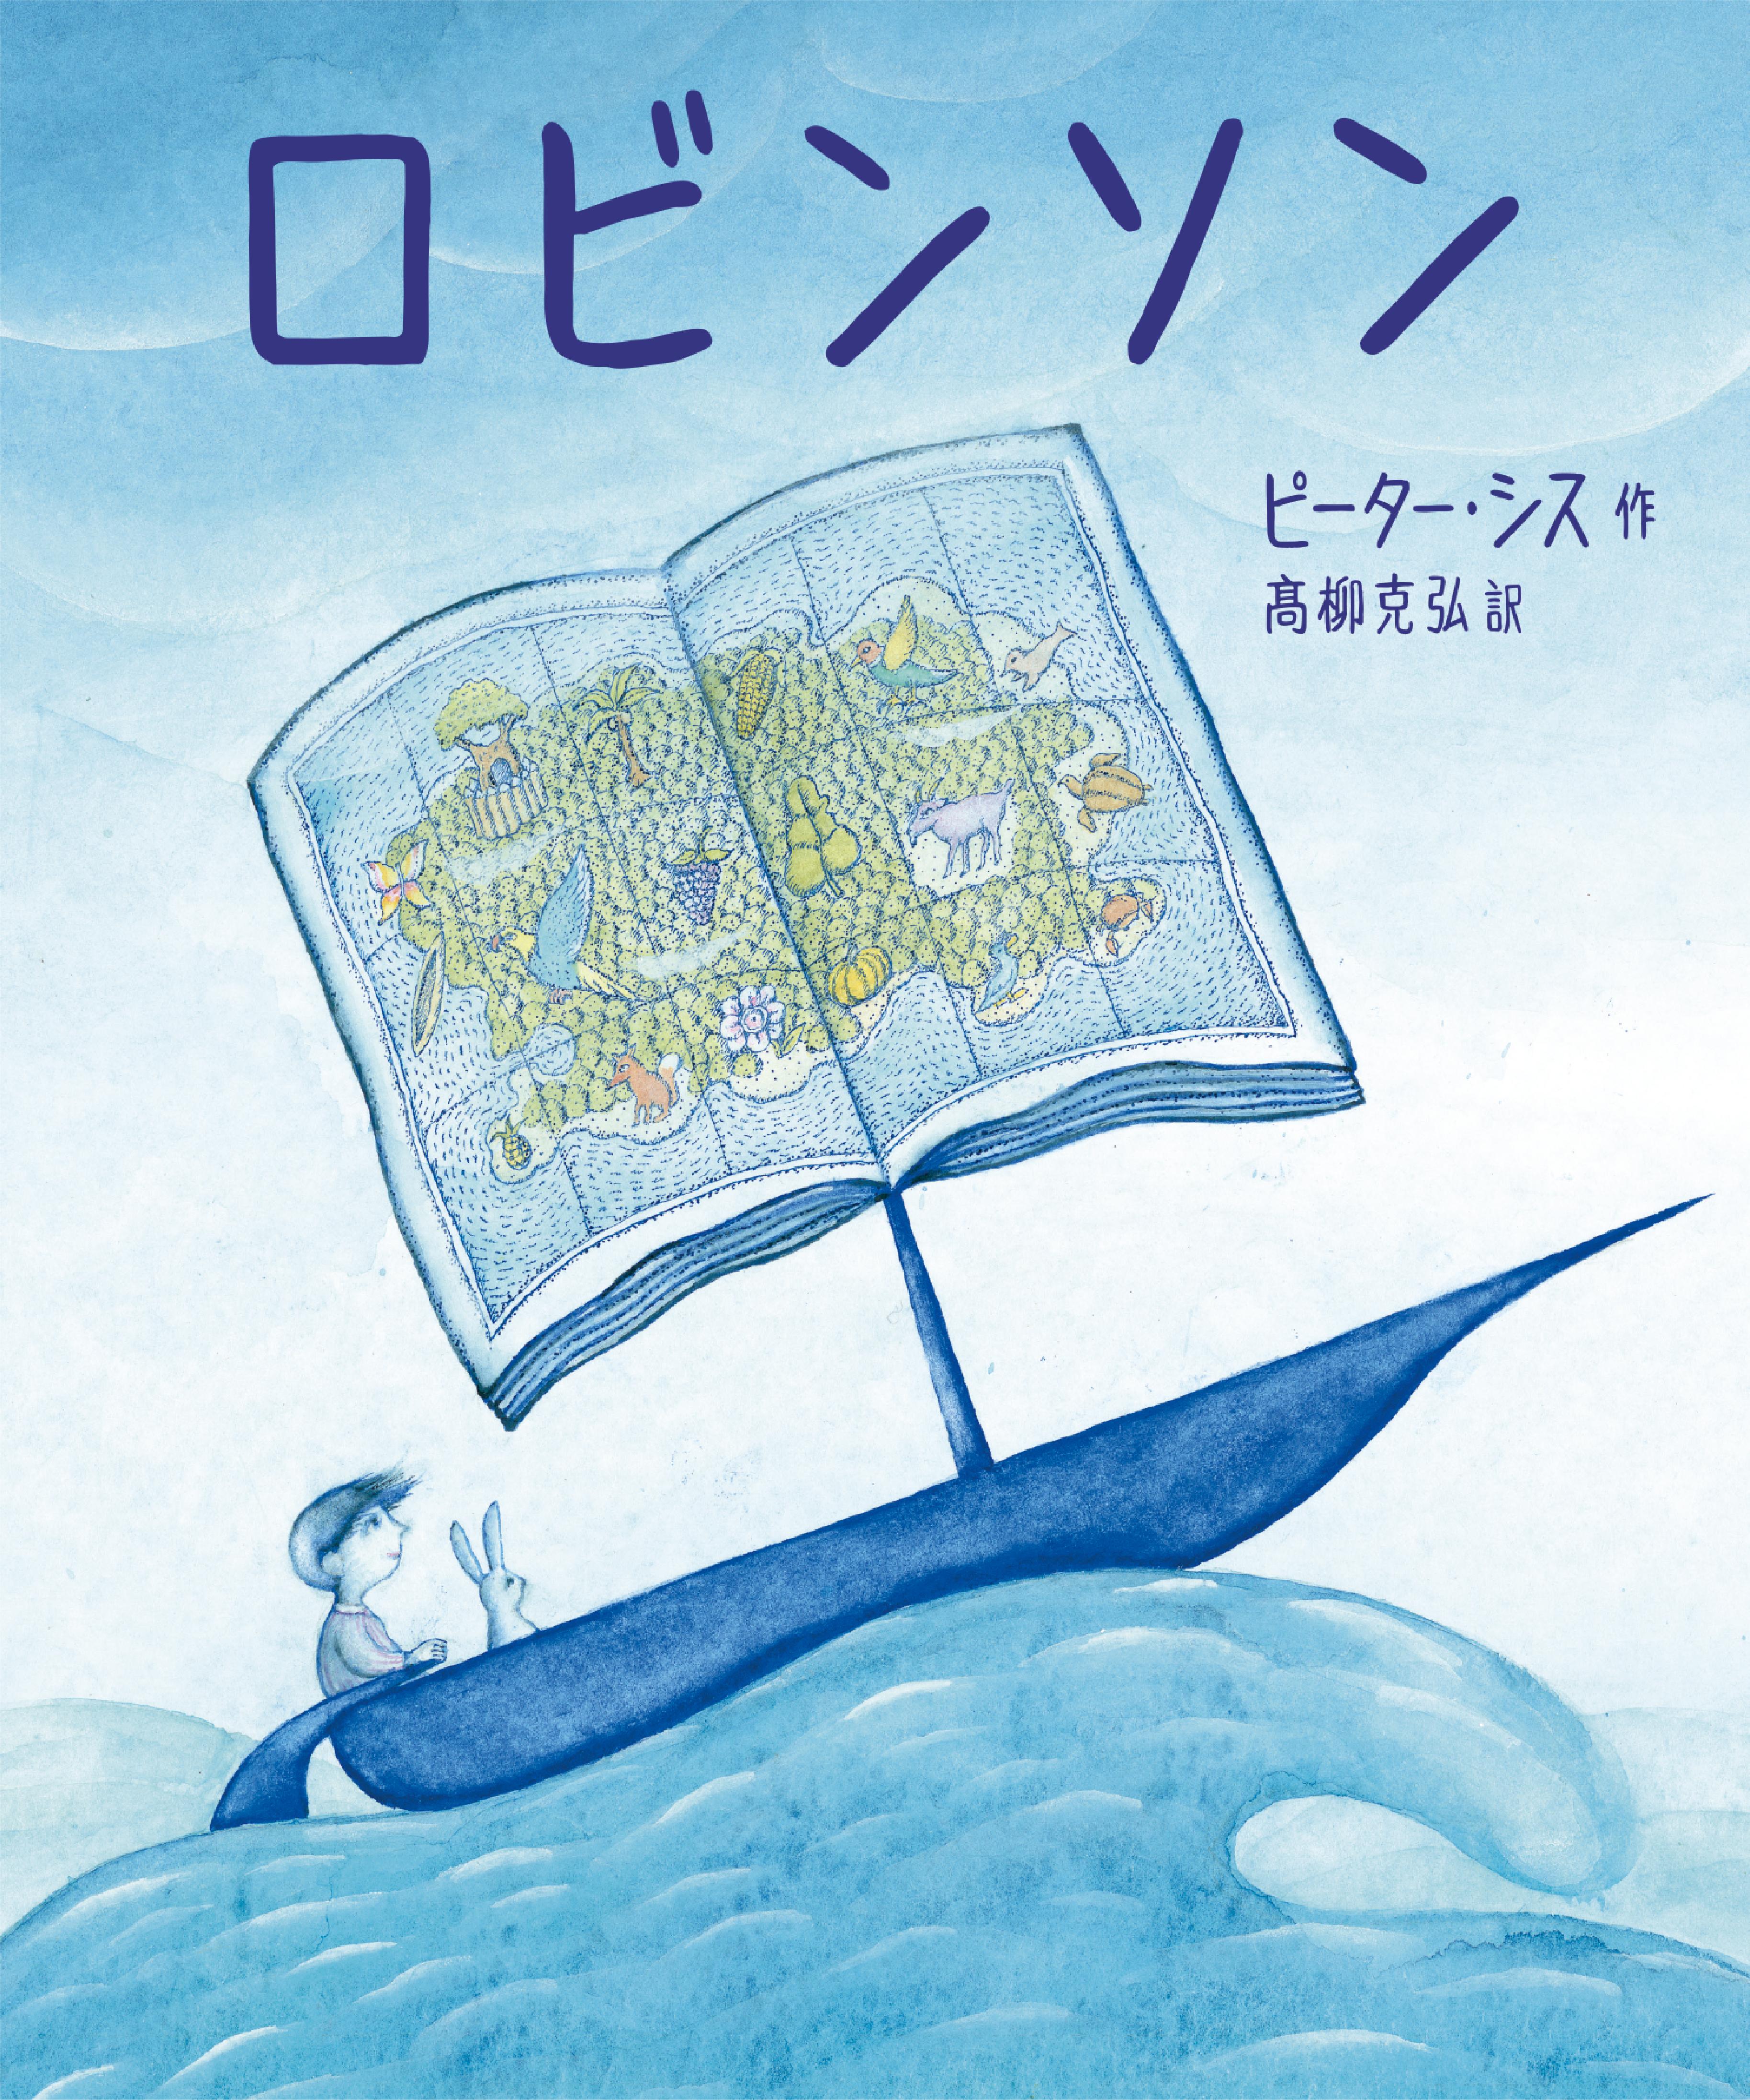 日本語版の絵本「ロビンソン」の表紙